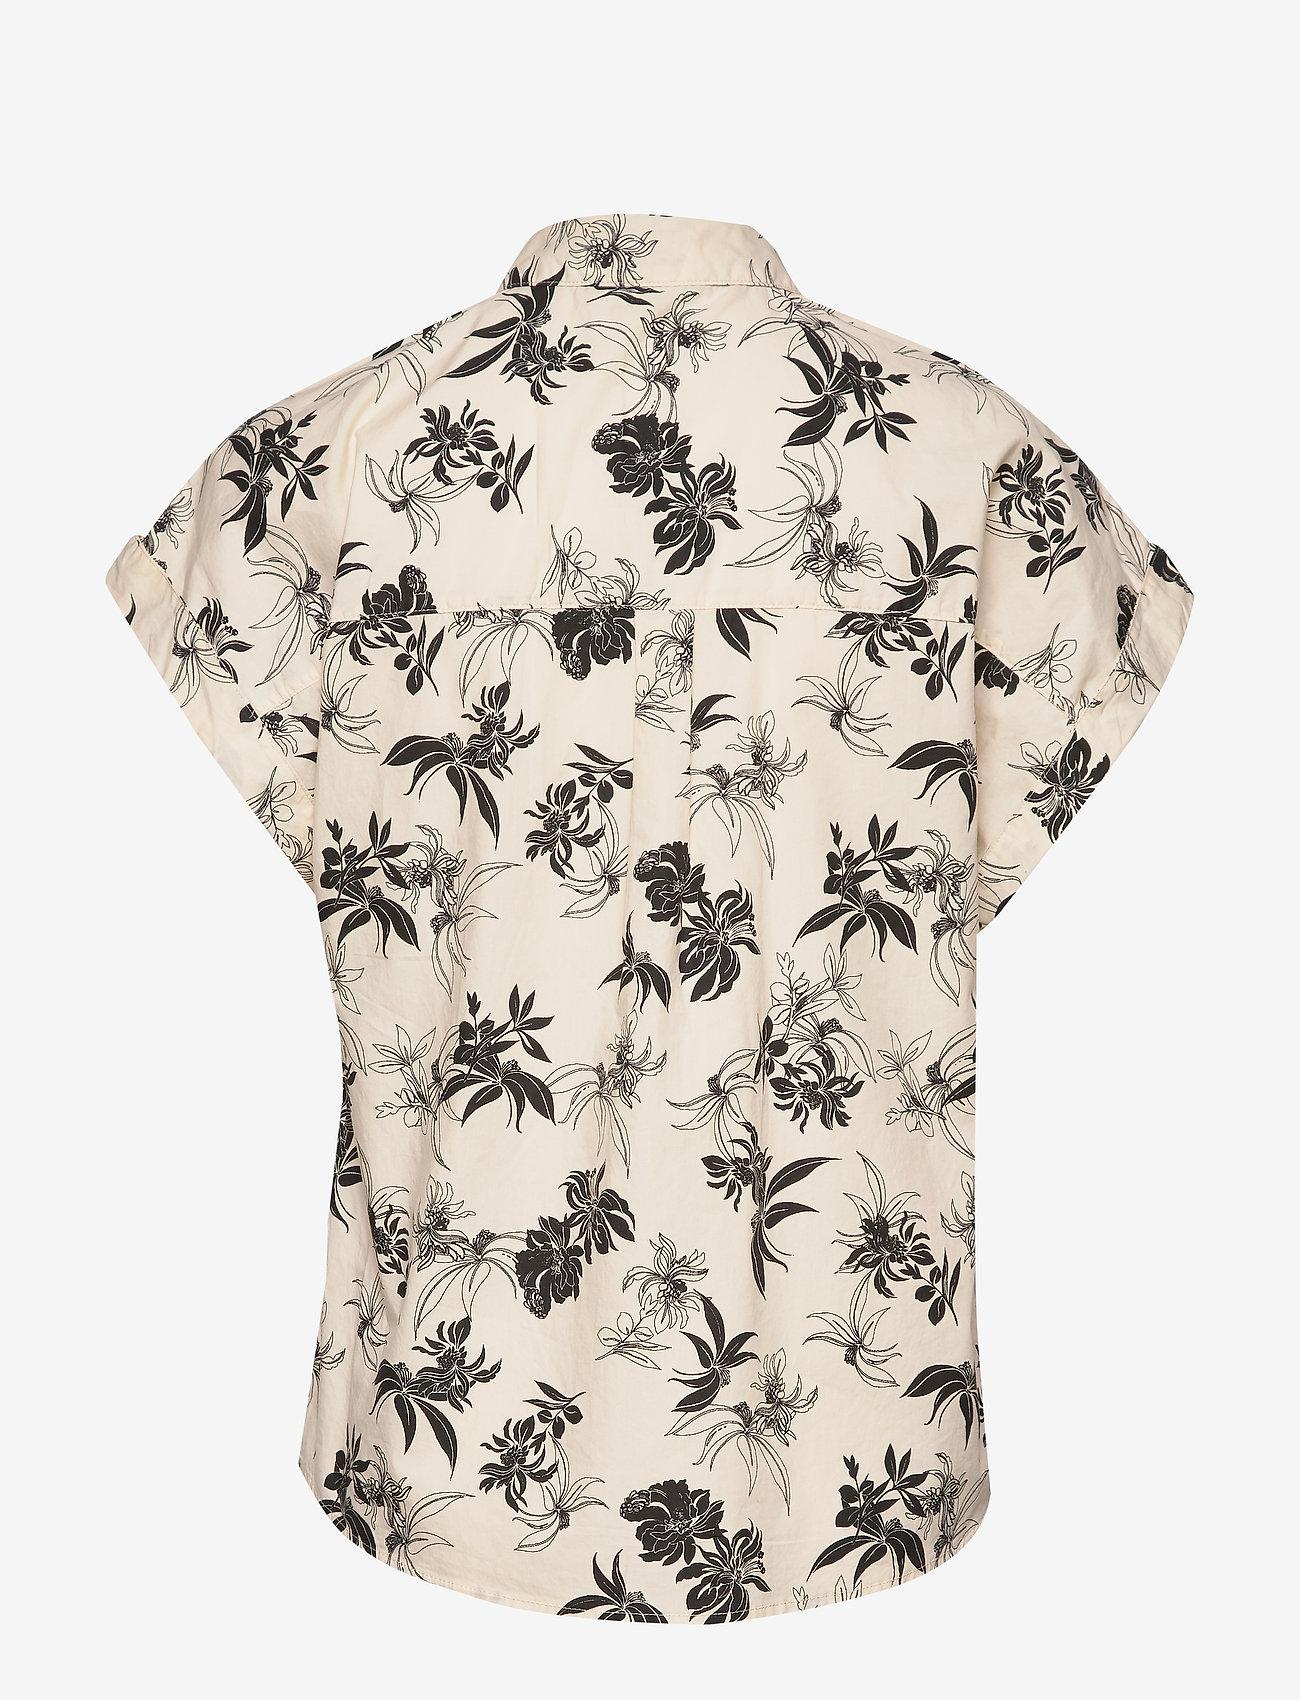 Esprit Casual - Blouses woven - kortermede skjorter - off white - 1